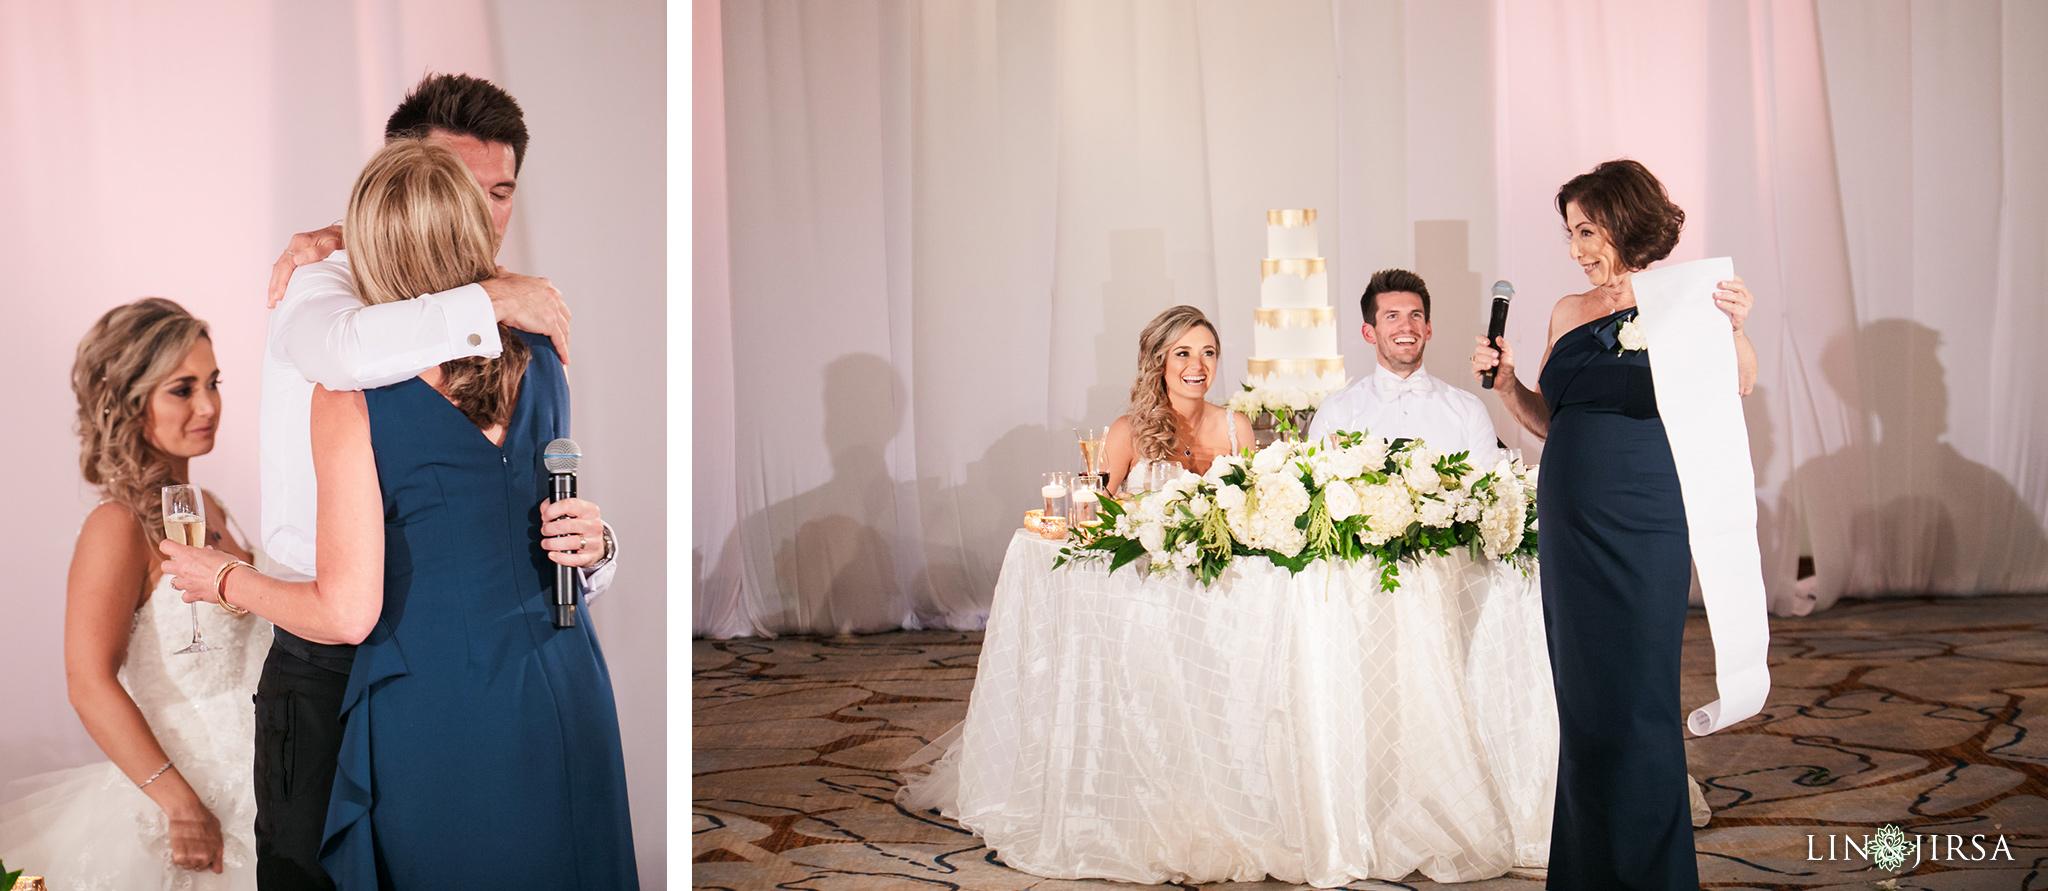 40 balboa bay wedding newport photography